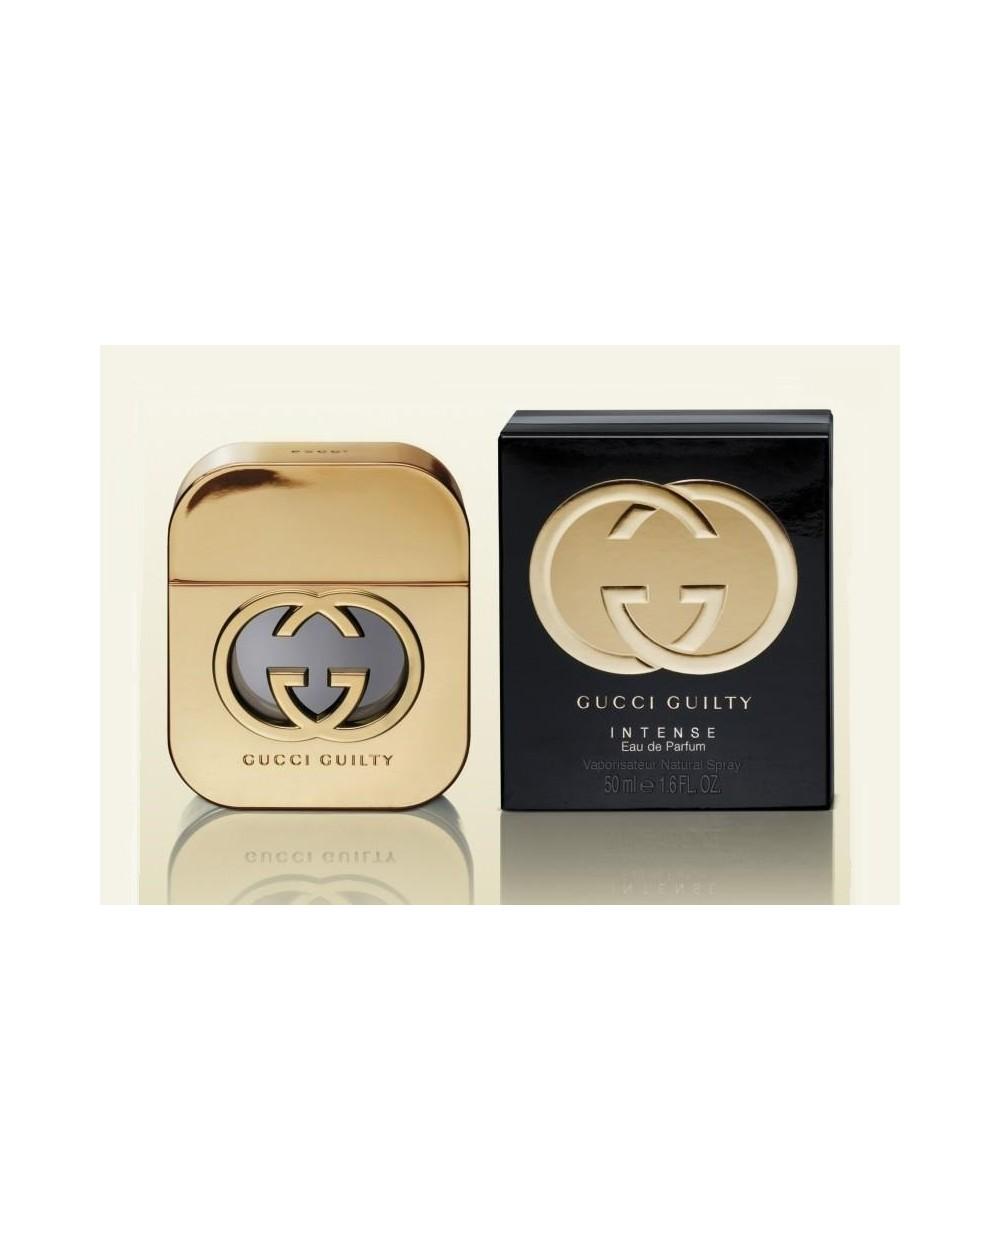 fd9aabcfeee75 Gucci Guilty Intense Mujer Eau De Parfum 50ml - Sovrana Parfums